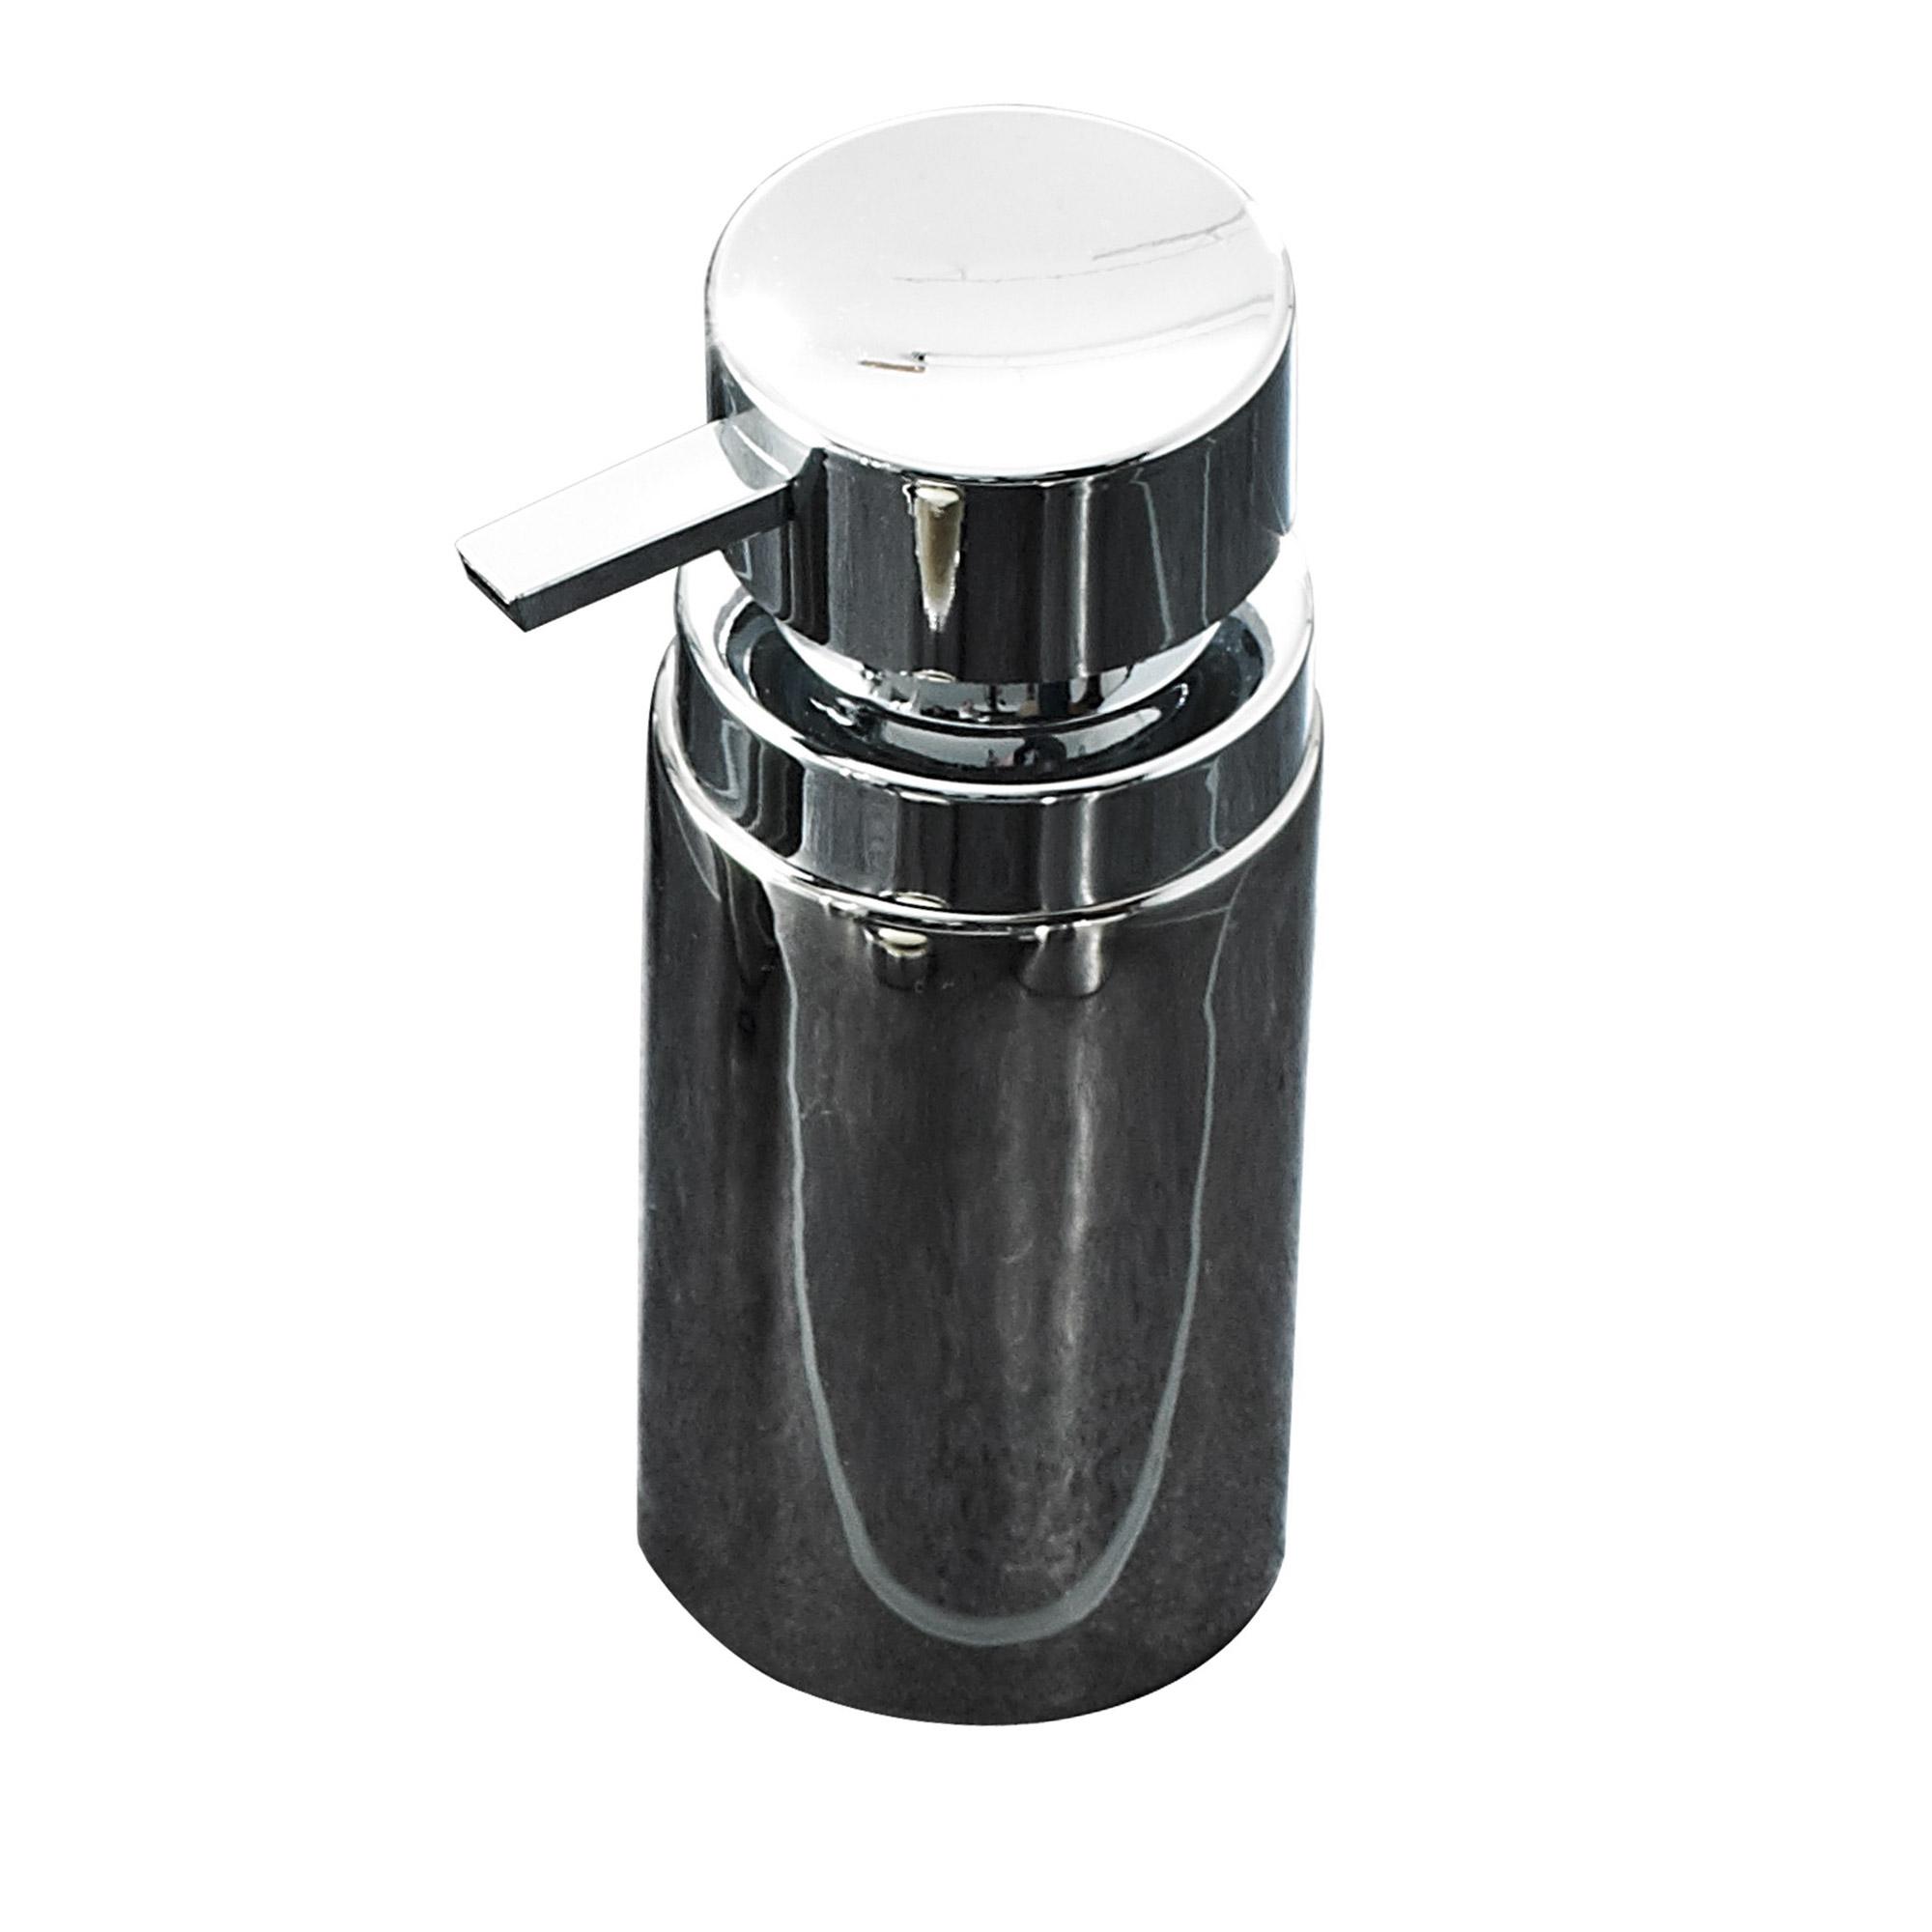 Дозатор для жидкого мыла Ridder elegance хром (22220500) фото